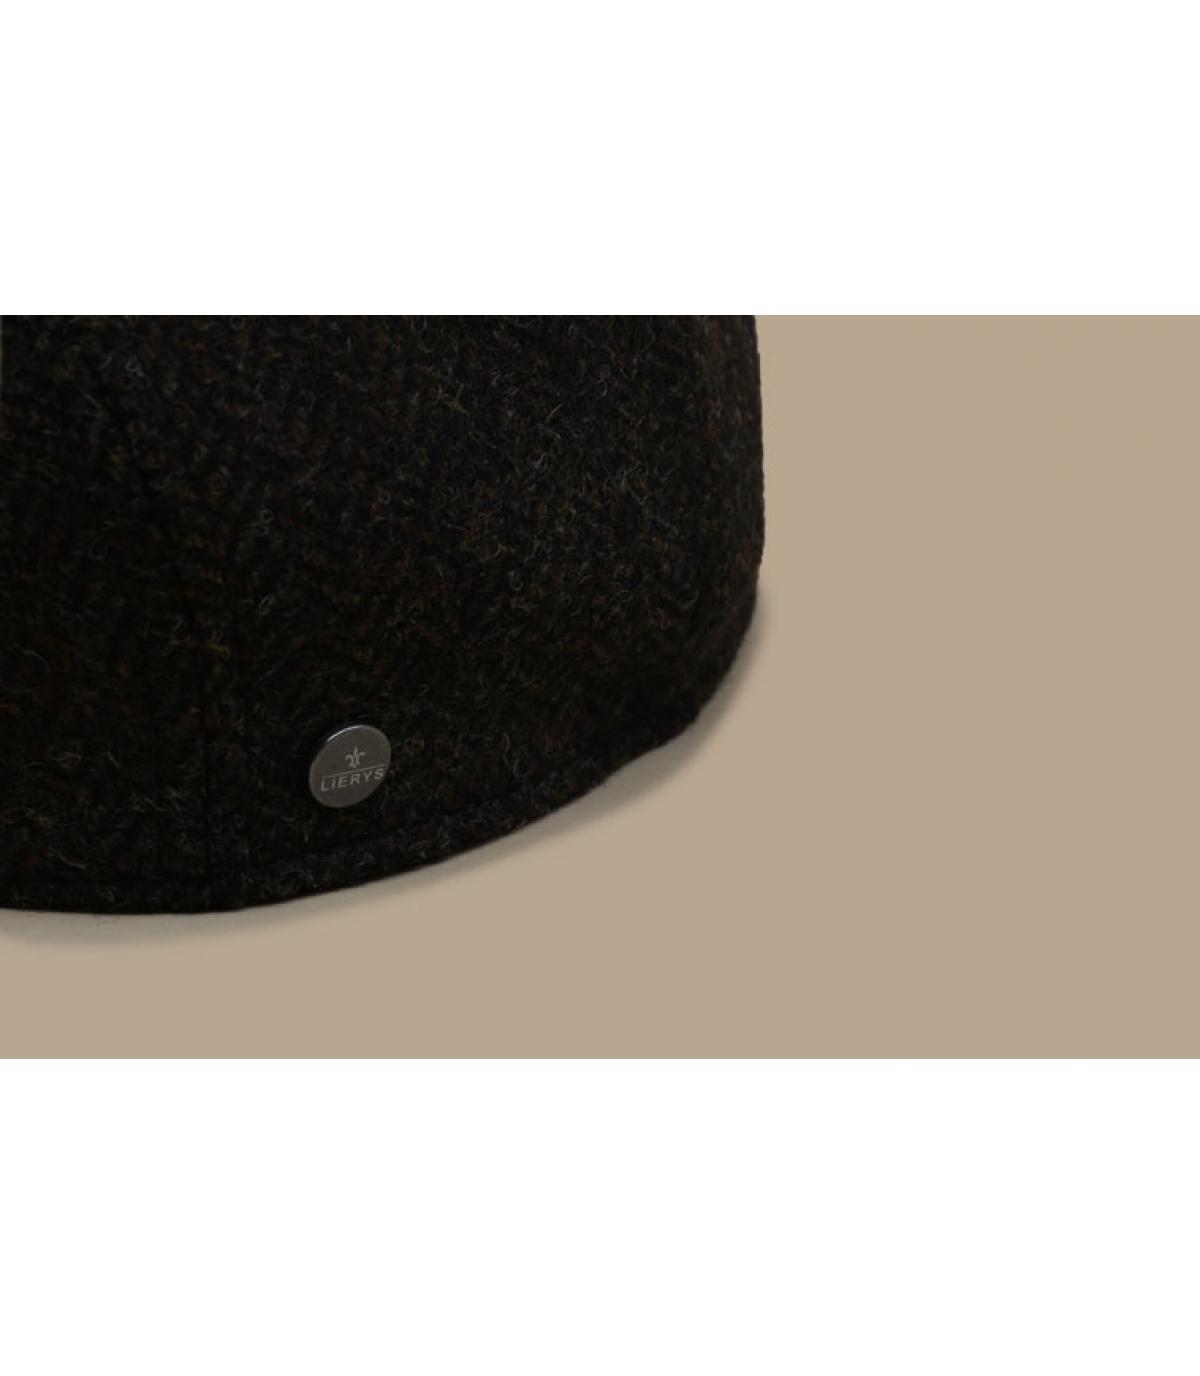 Details Britton Wool Herringbone brown - afbeeling 3